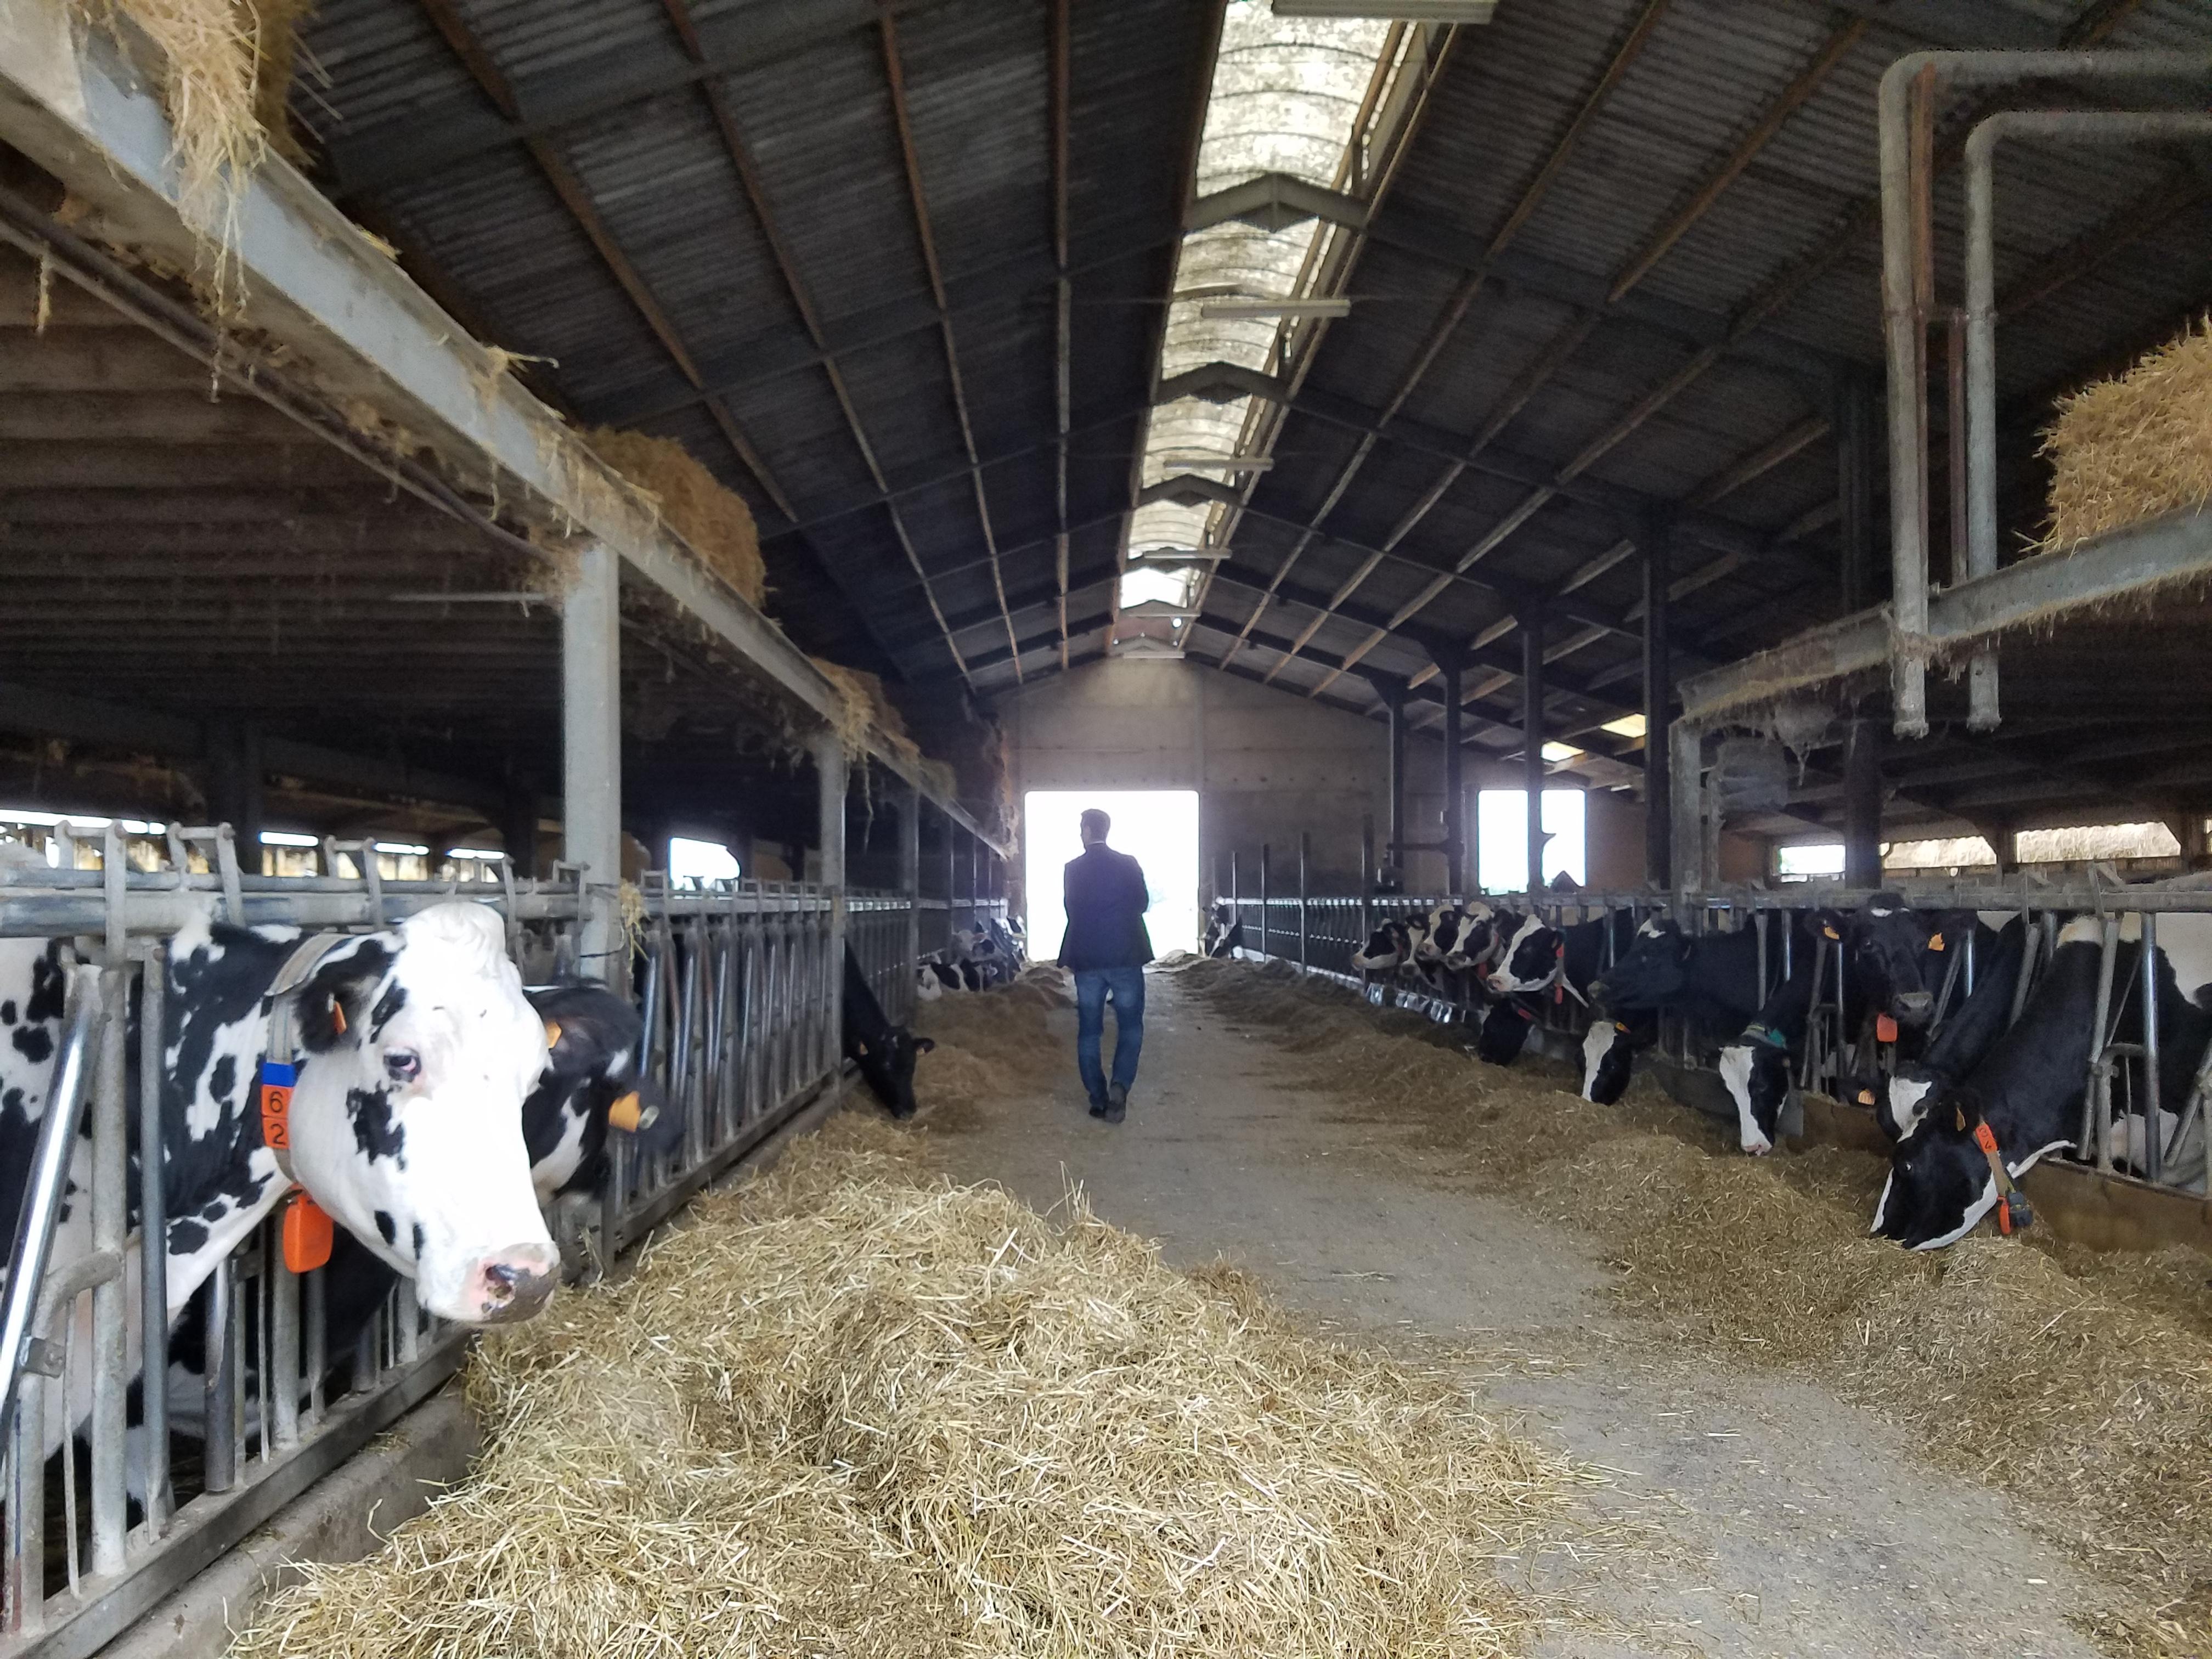 Dairy farm in braine le comte belgium